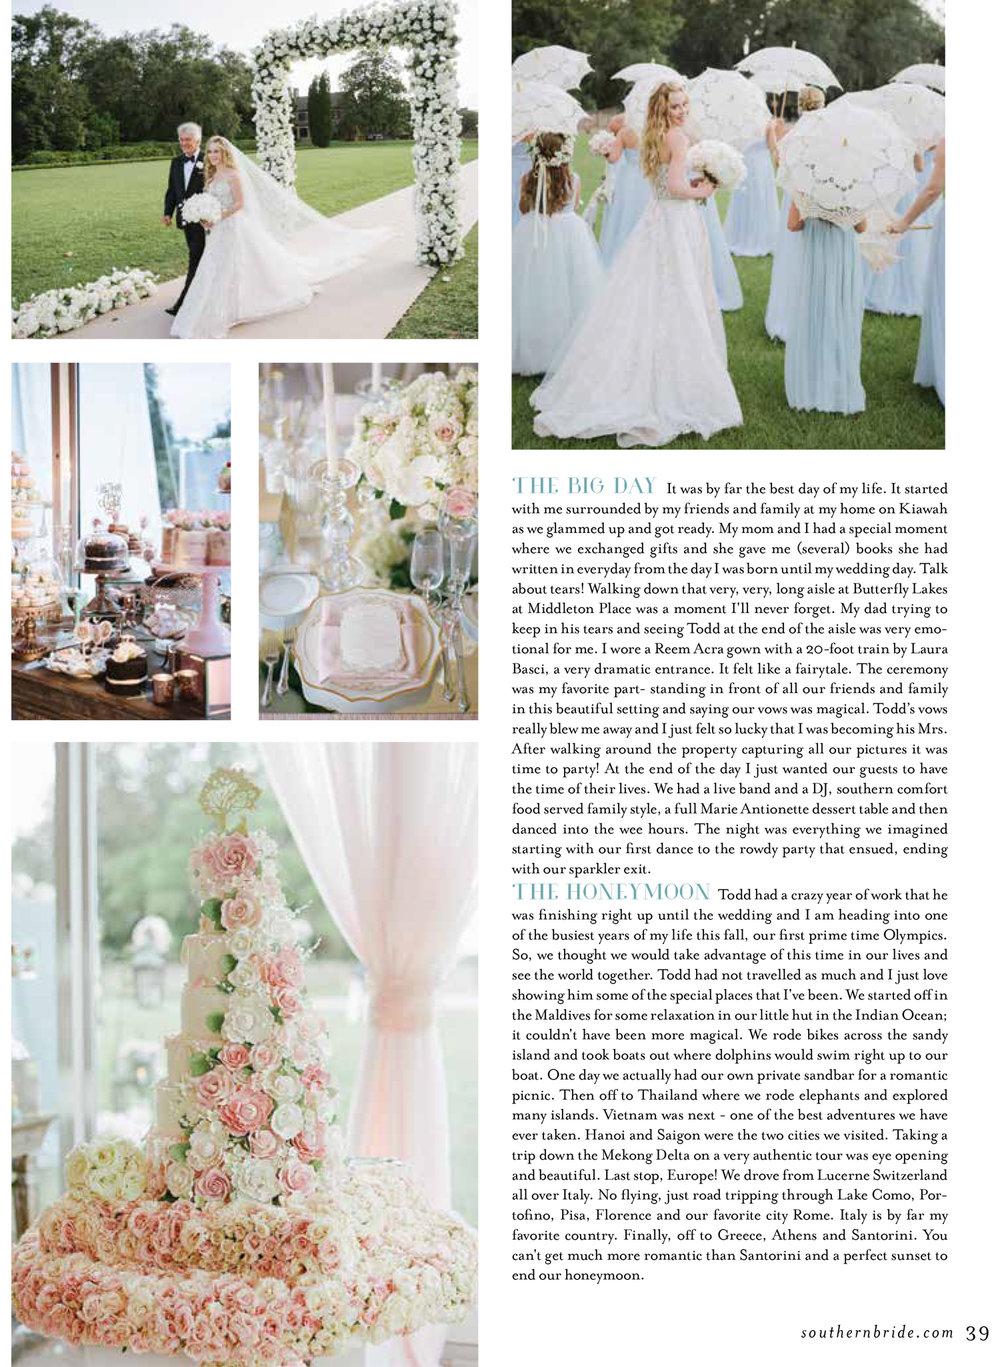 tara_todd_southern_bride_3.jpg